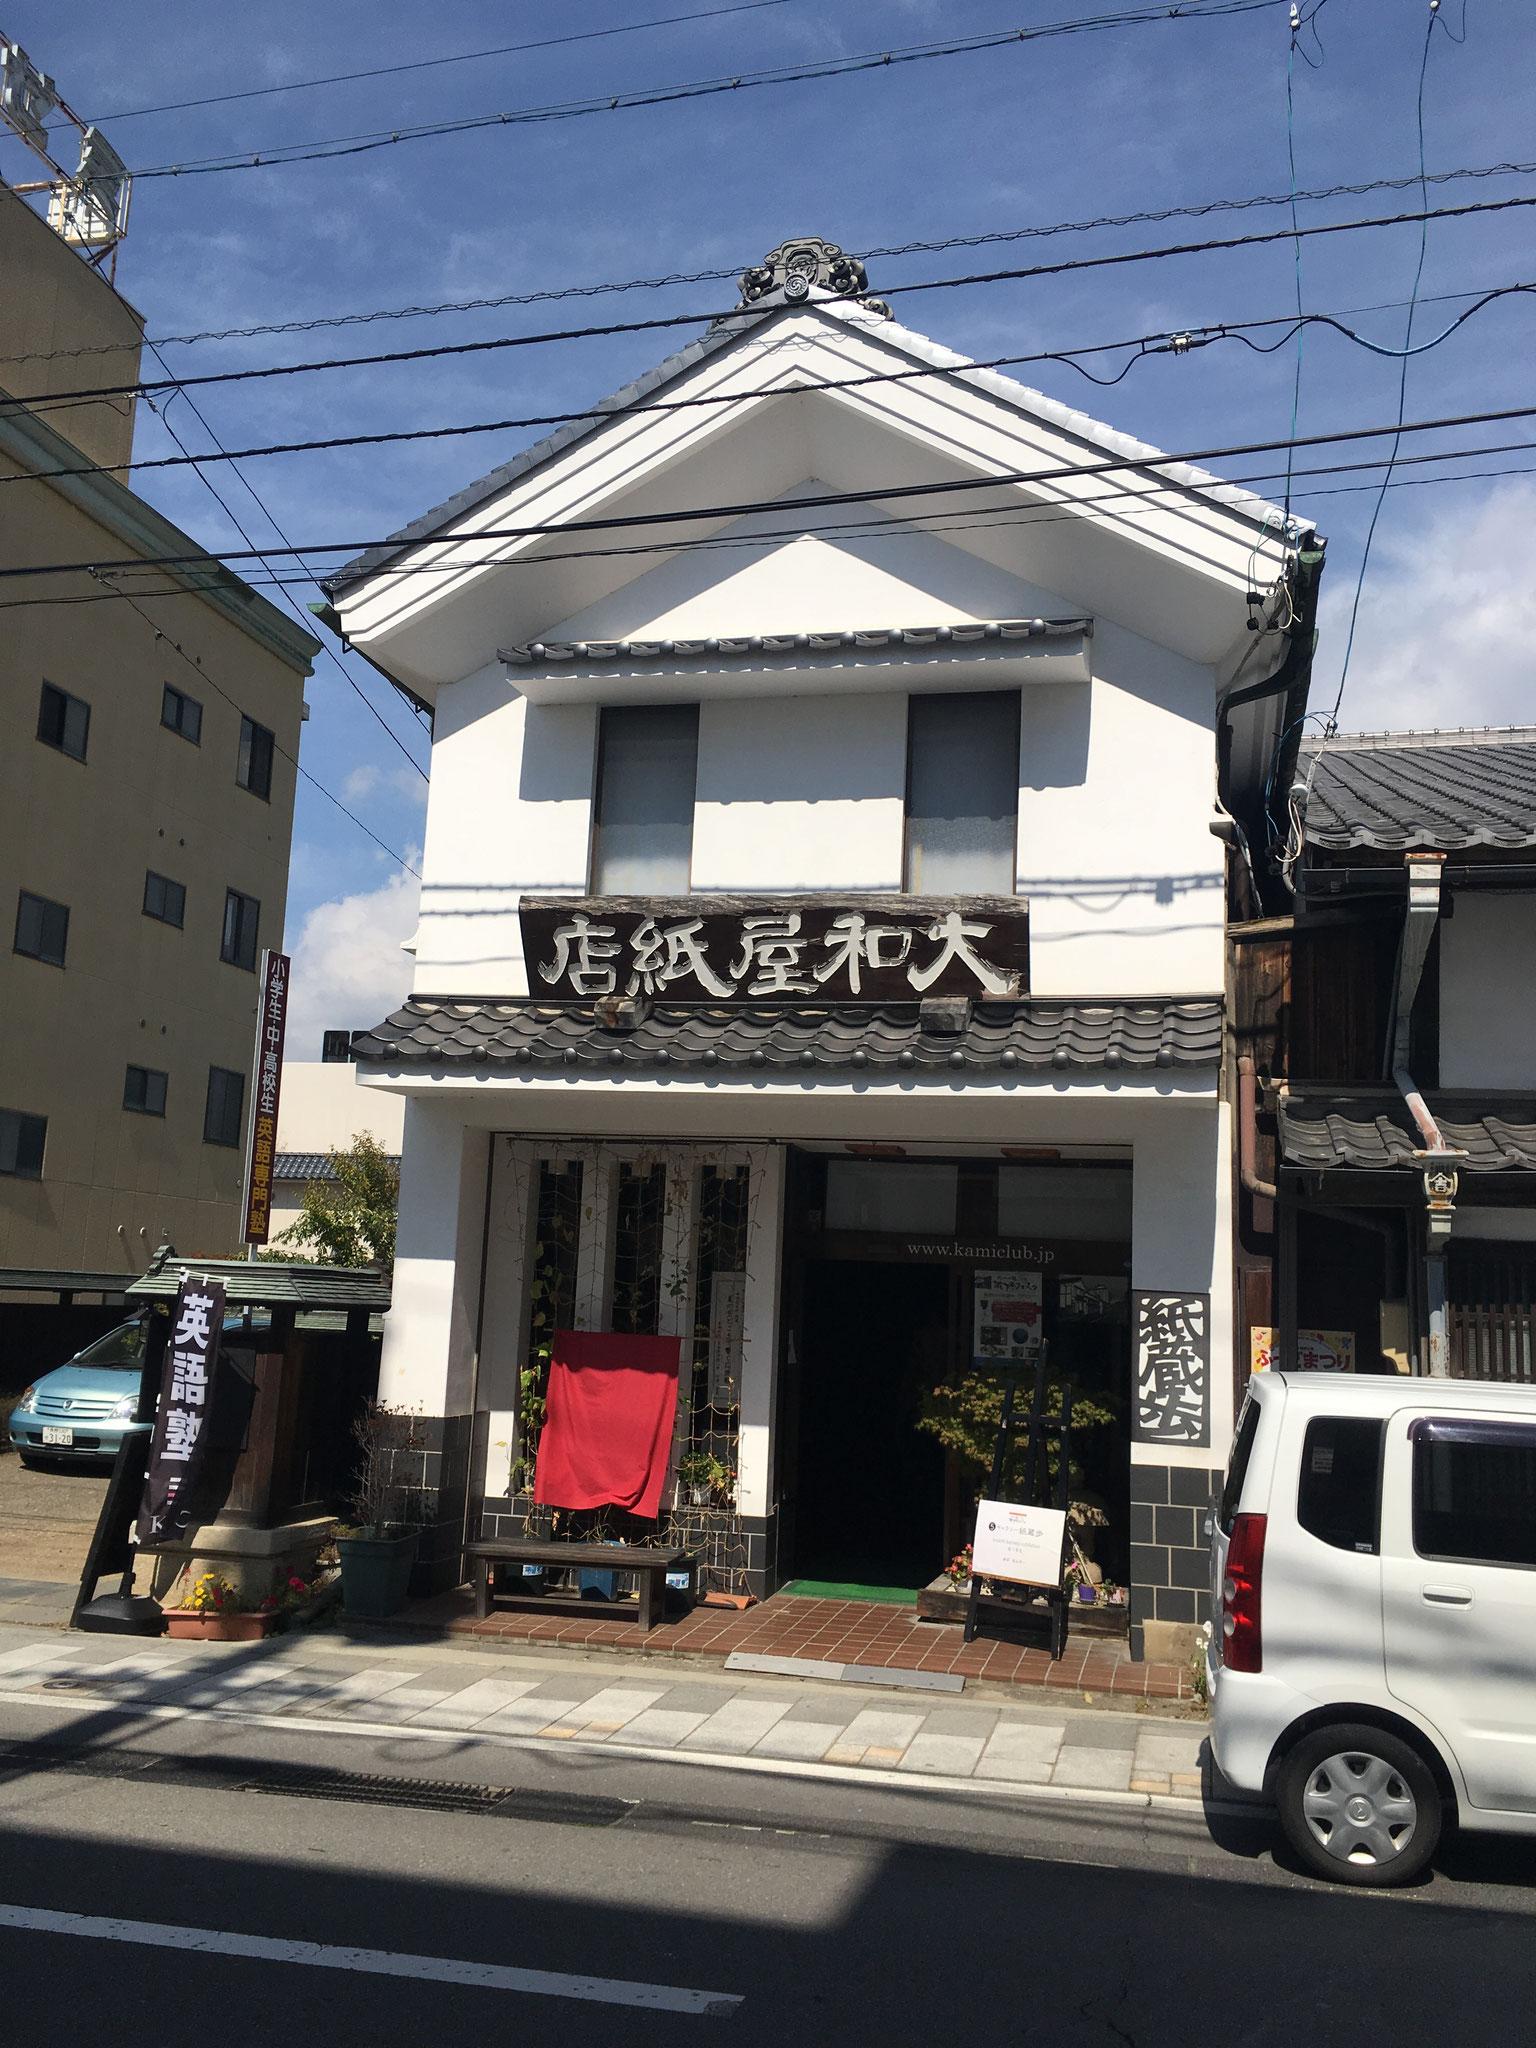 2017.09.21~09.25.「小諸城下町フェスティバル」